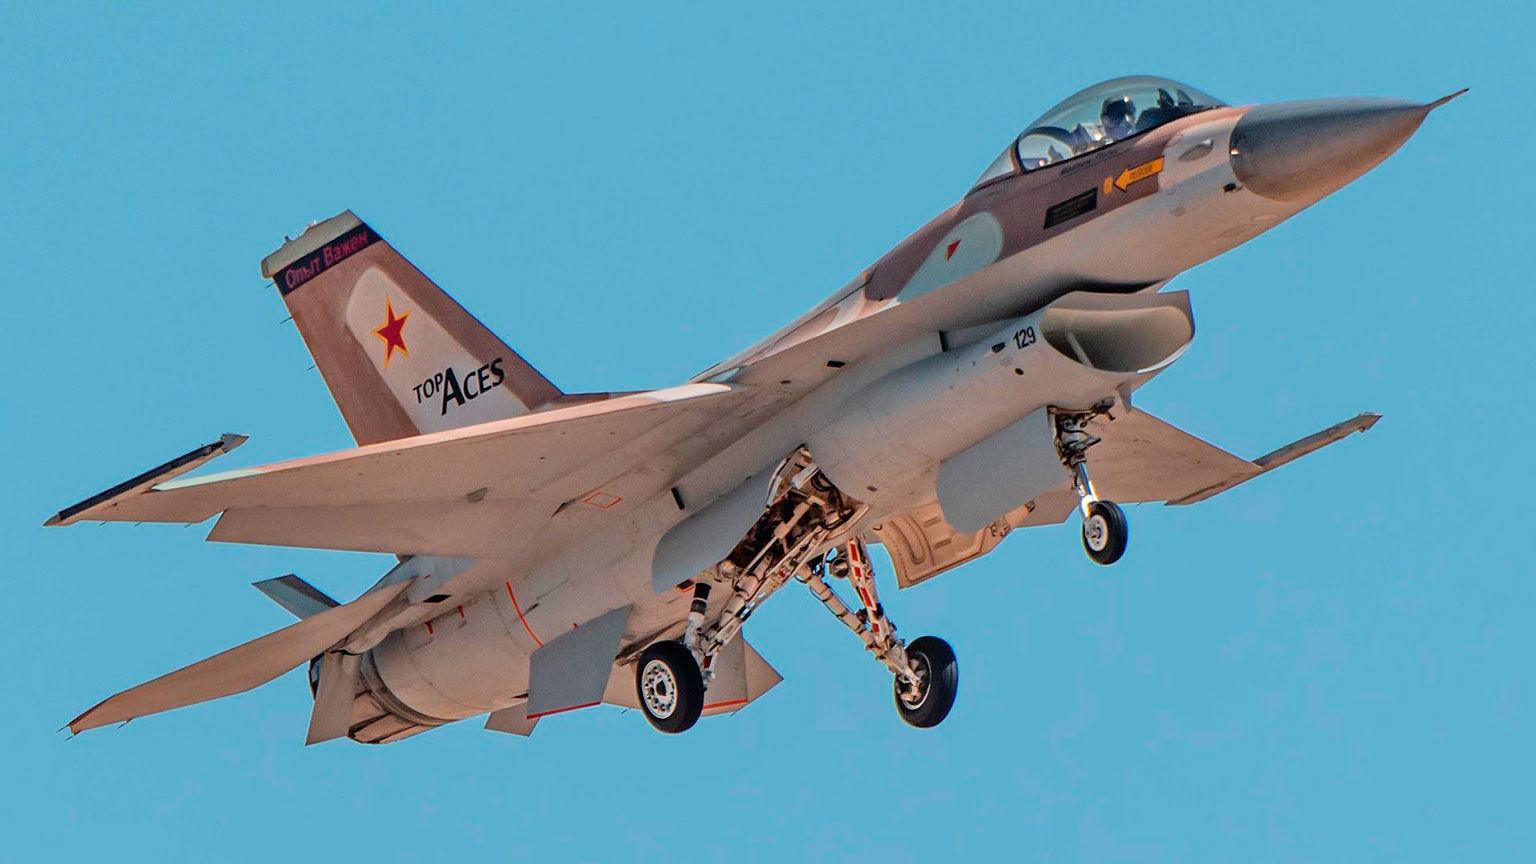 На борту израильского истребителя F-16 появилась надпись на русском языке – эксперты пояснили ситуацию